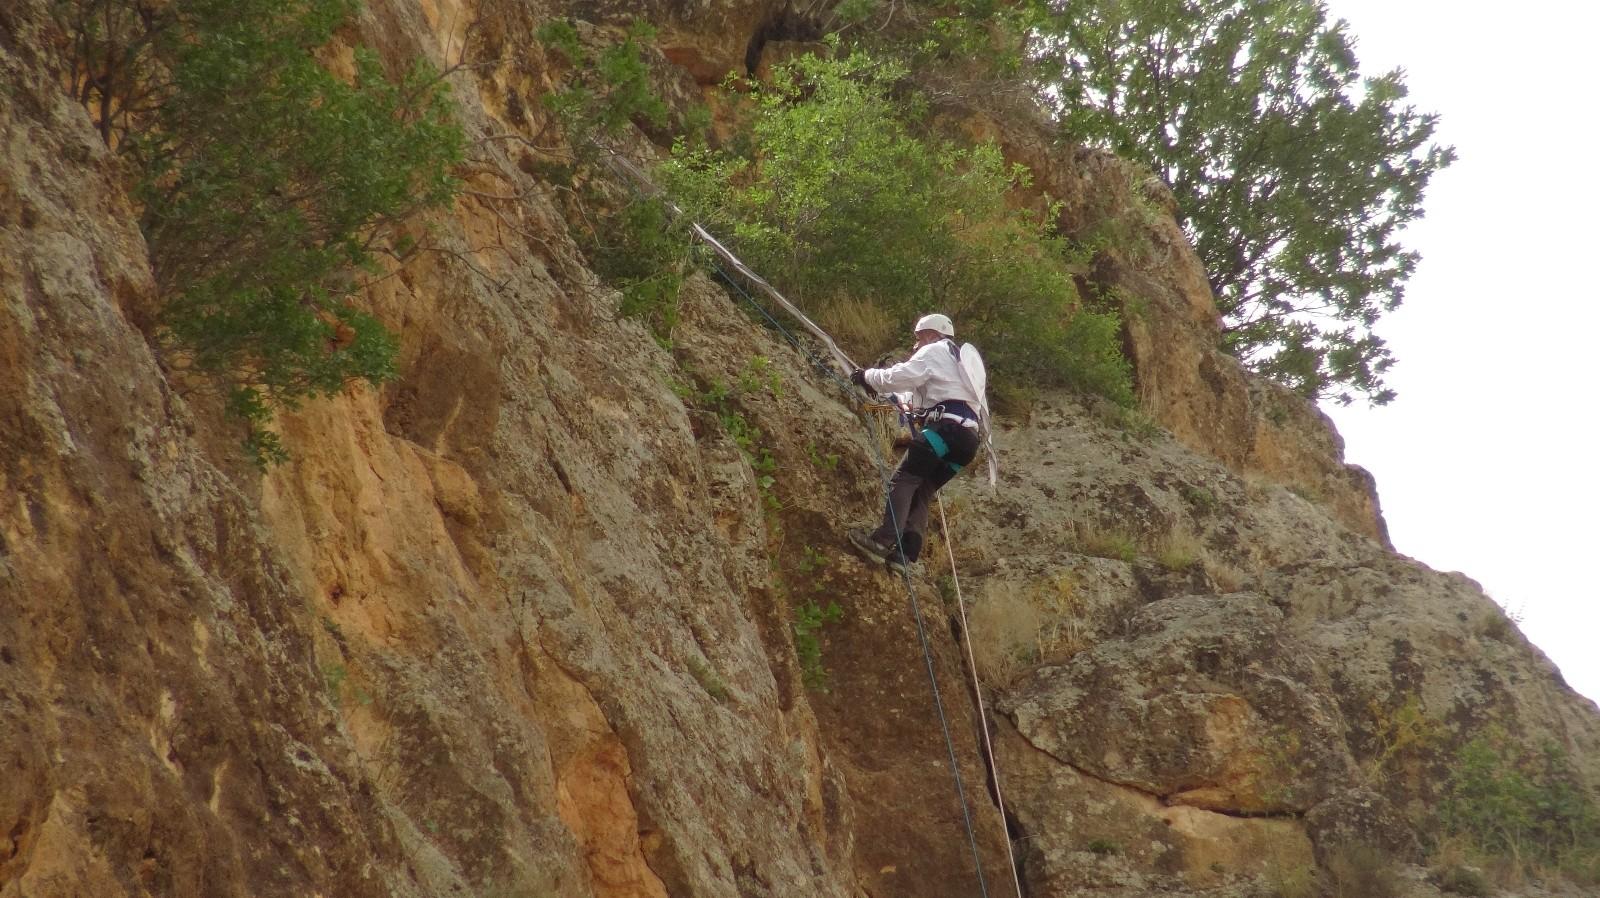 Dağın zirvesindeki hobisini kazanca dönüştürdü